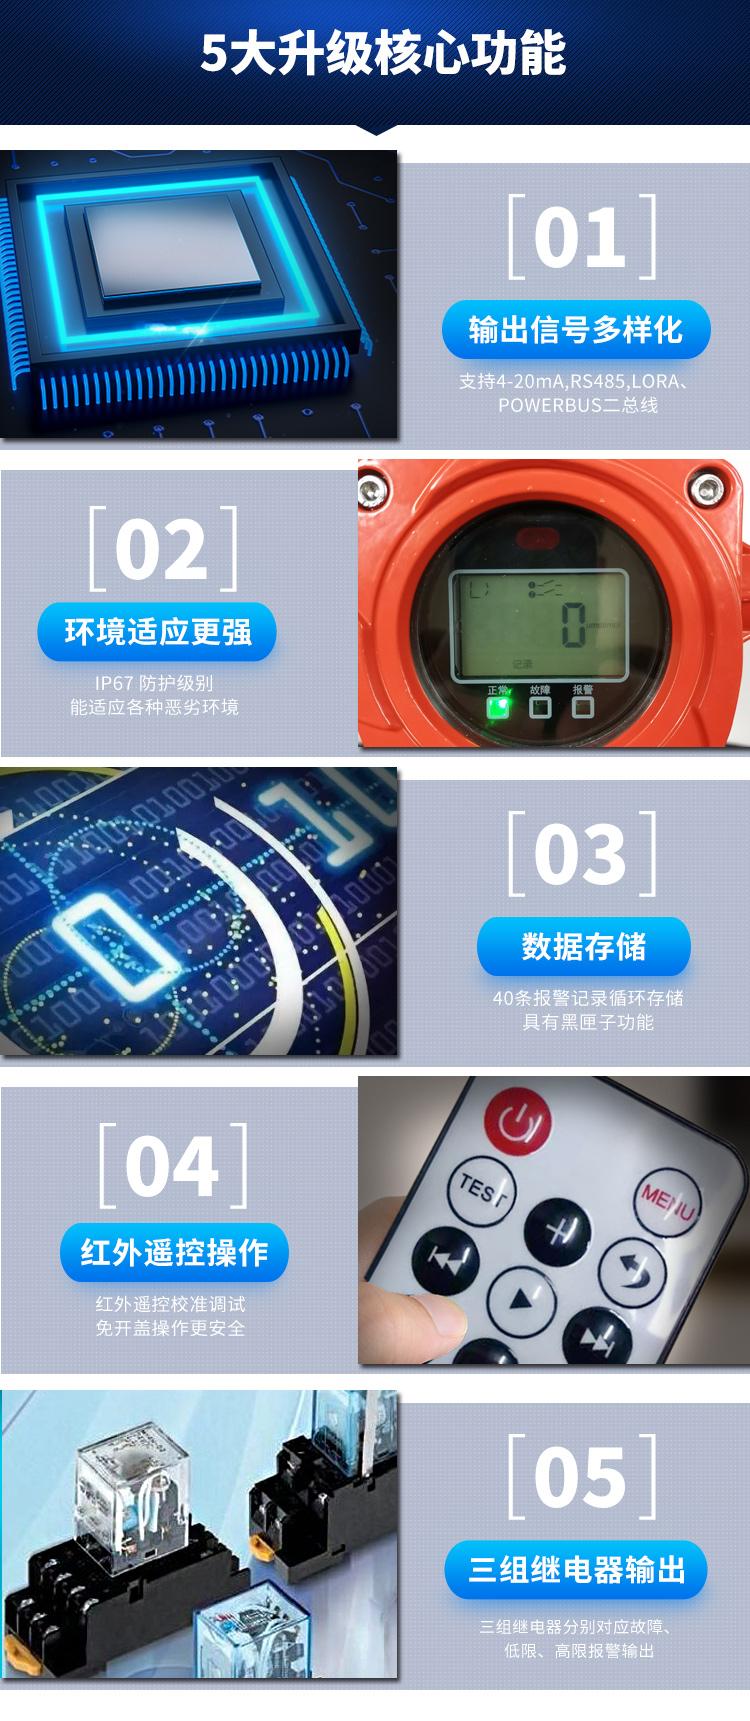 工业可燃气体报警器瑶安电子出品YA-D300五大核心升级